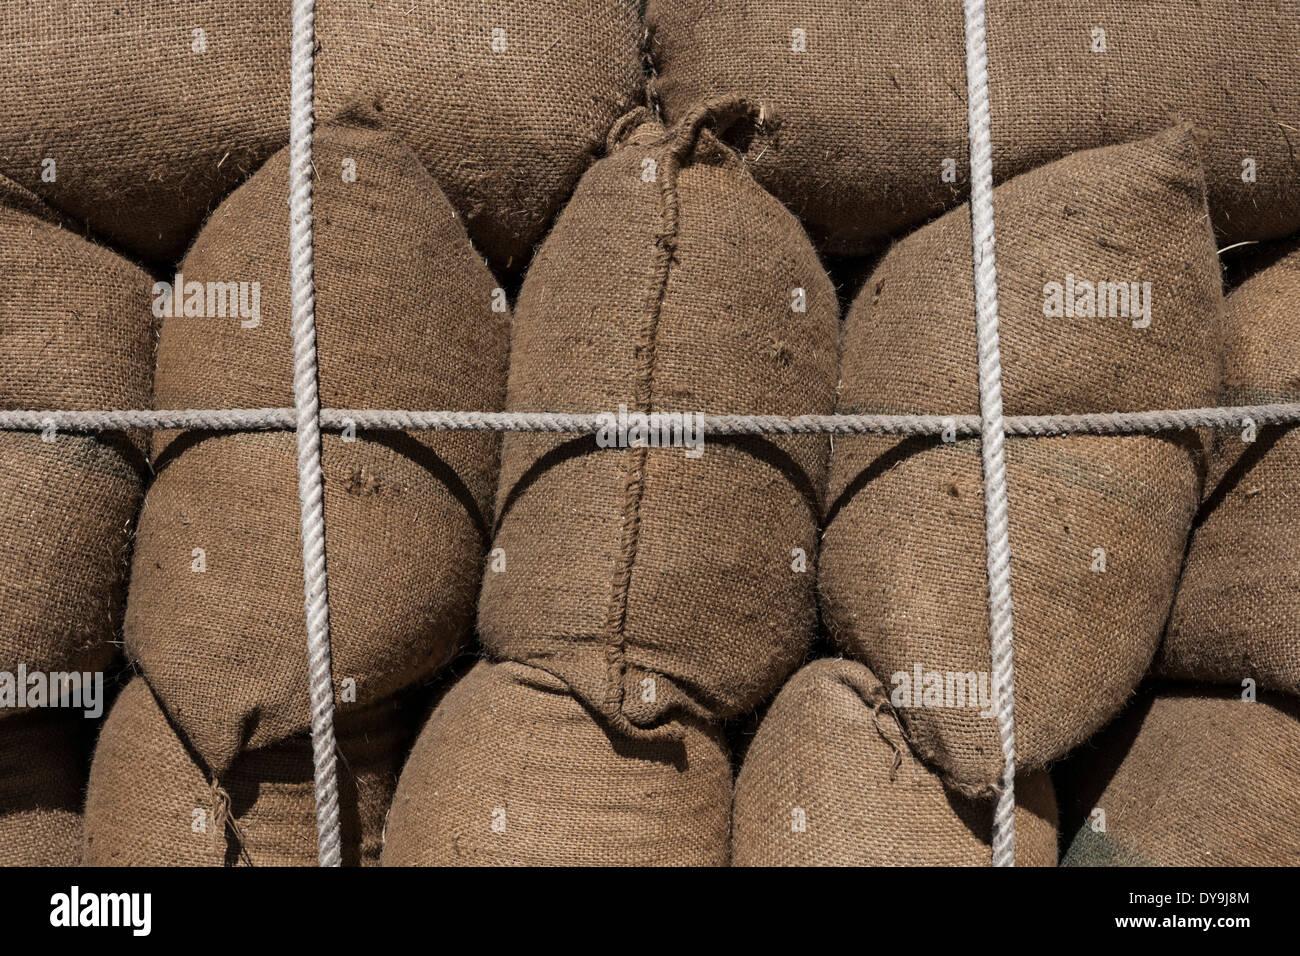 Tied sacks. - Stock Image